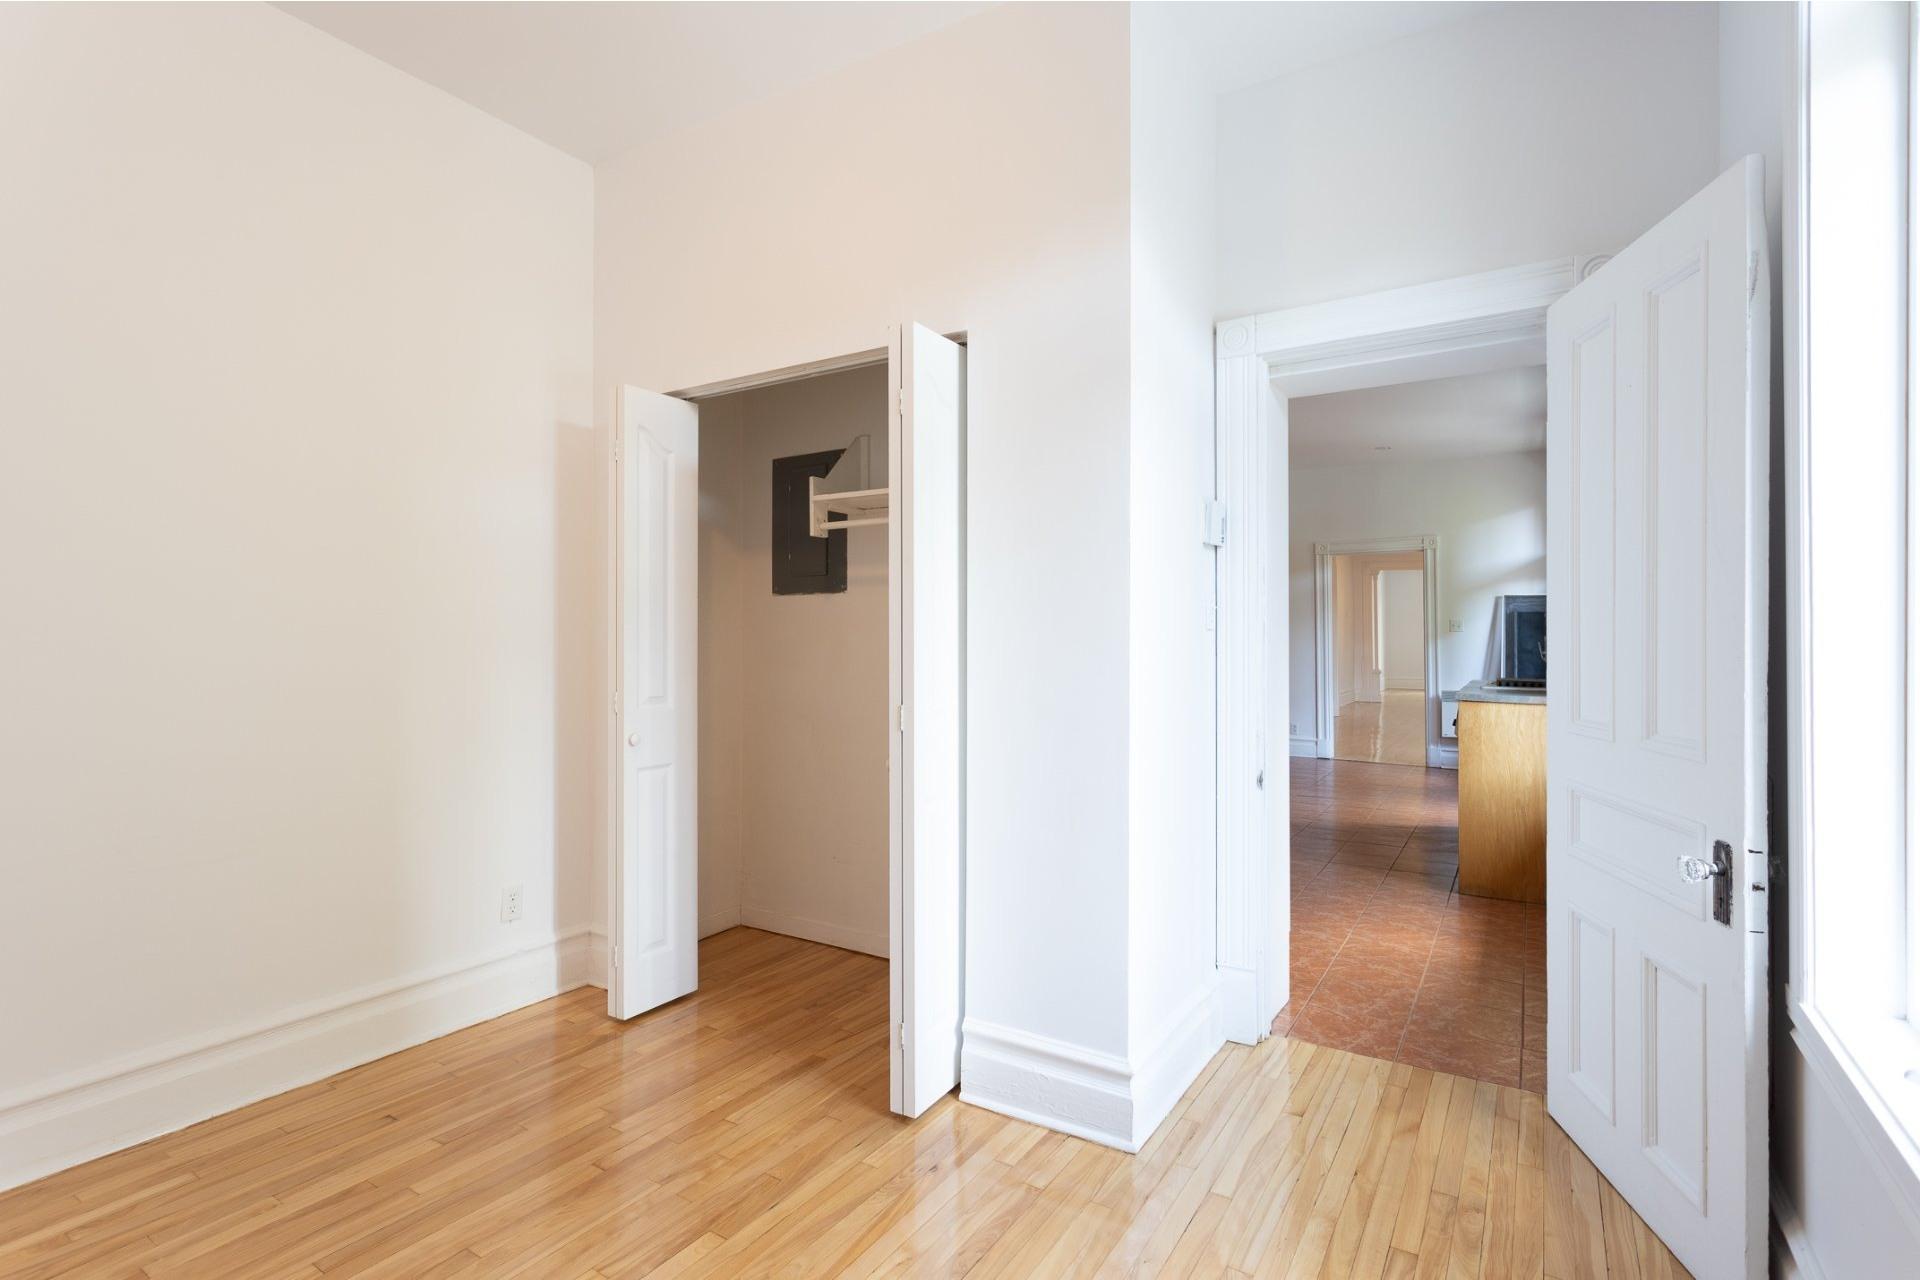 image 12 - Appartement À louer Le Plateau-Mont-Royal Montréal  - 5 pièces